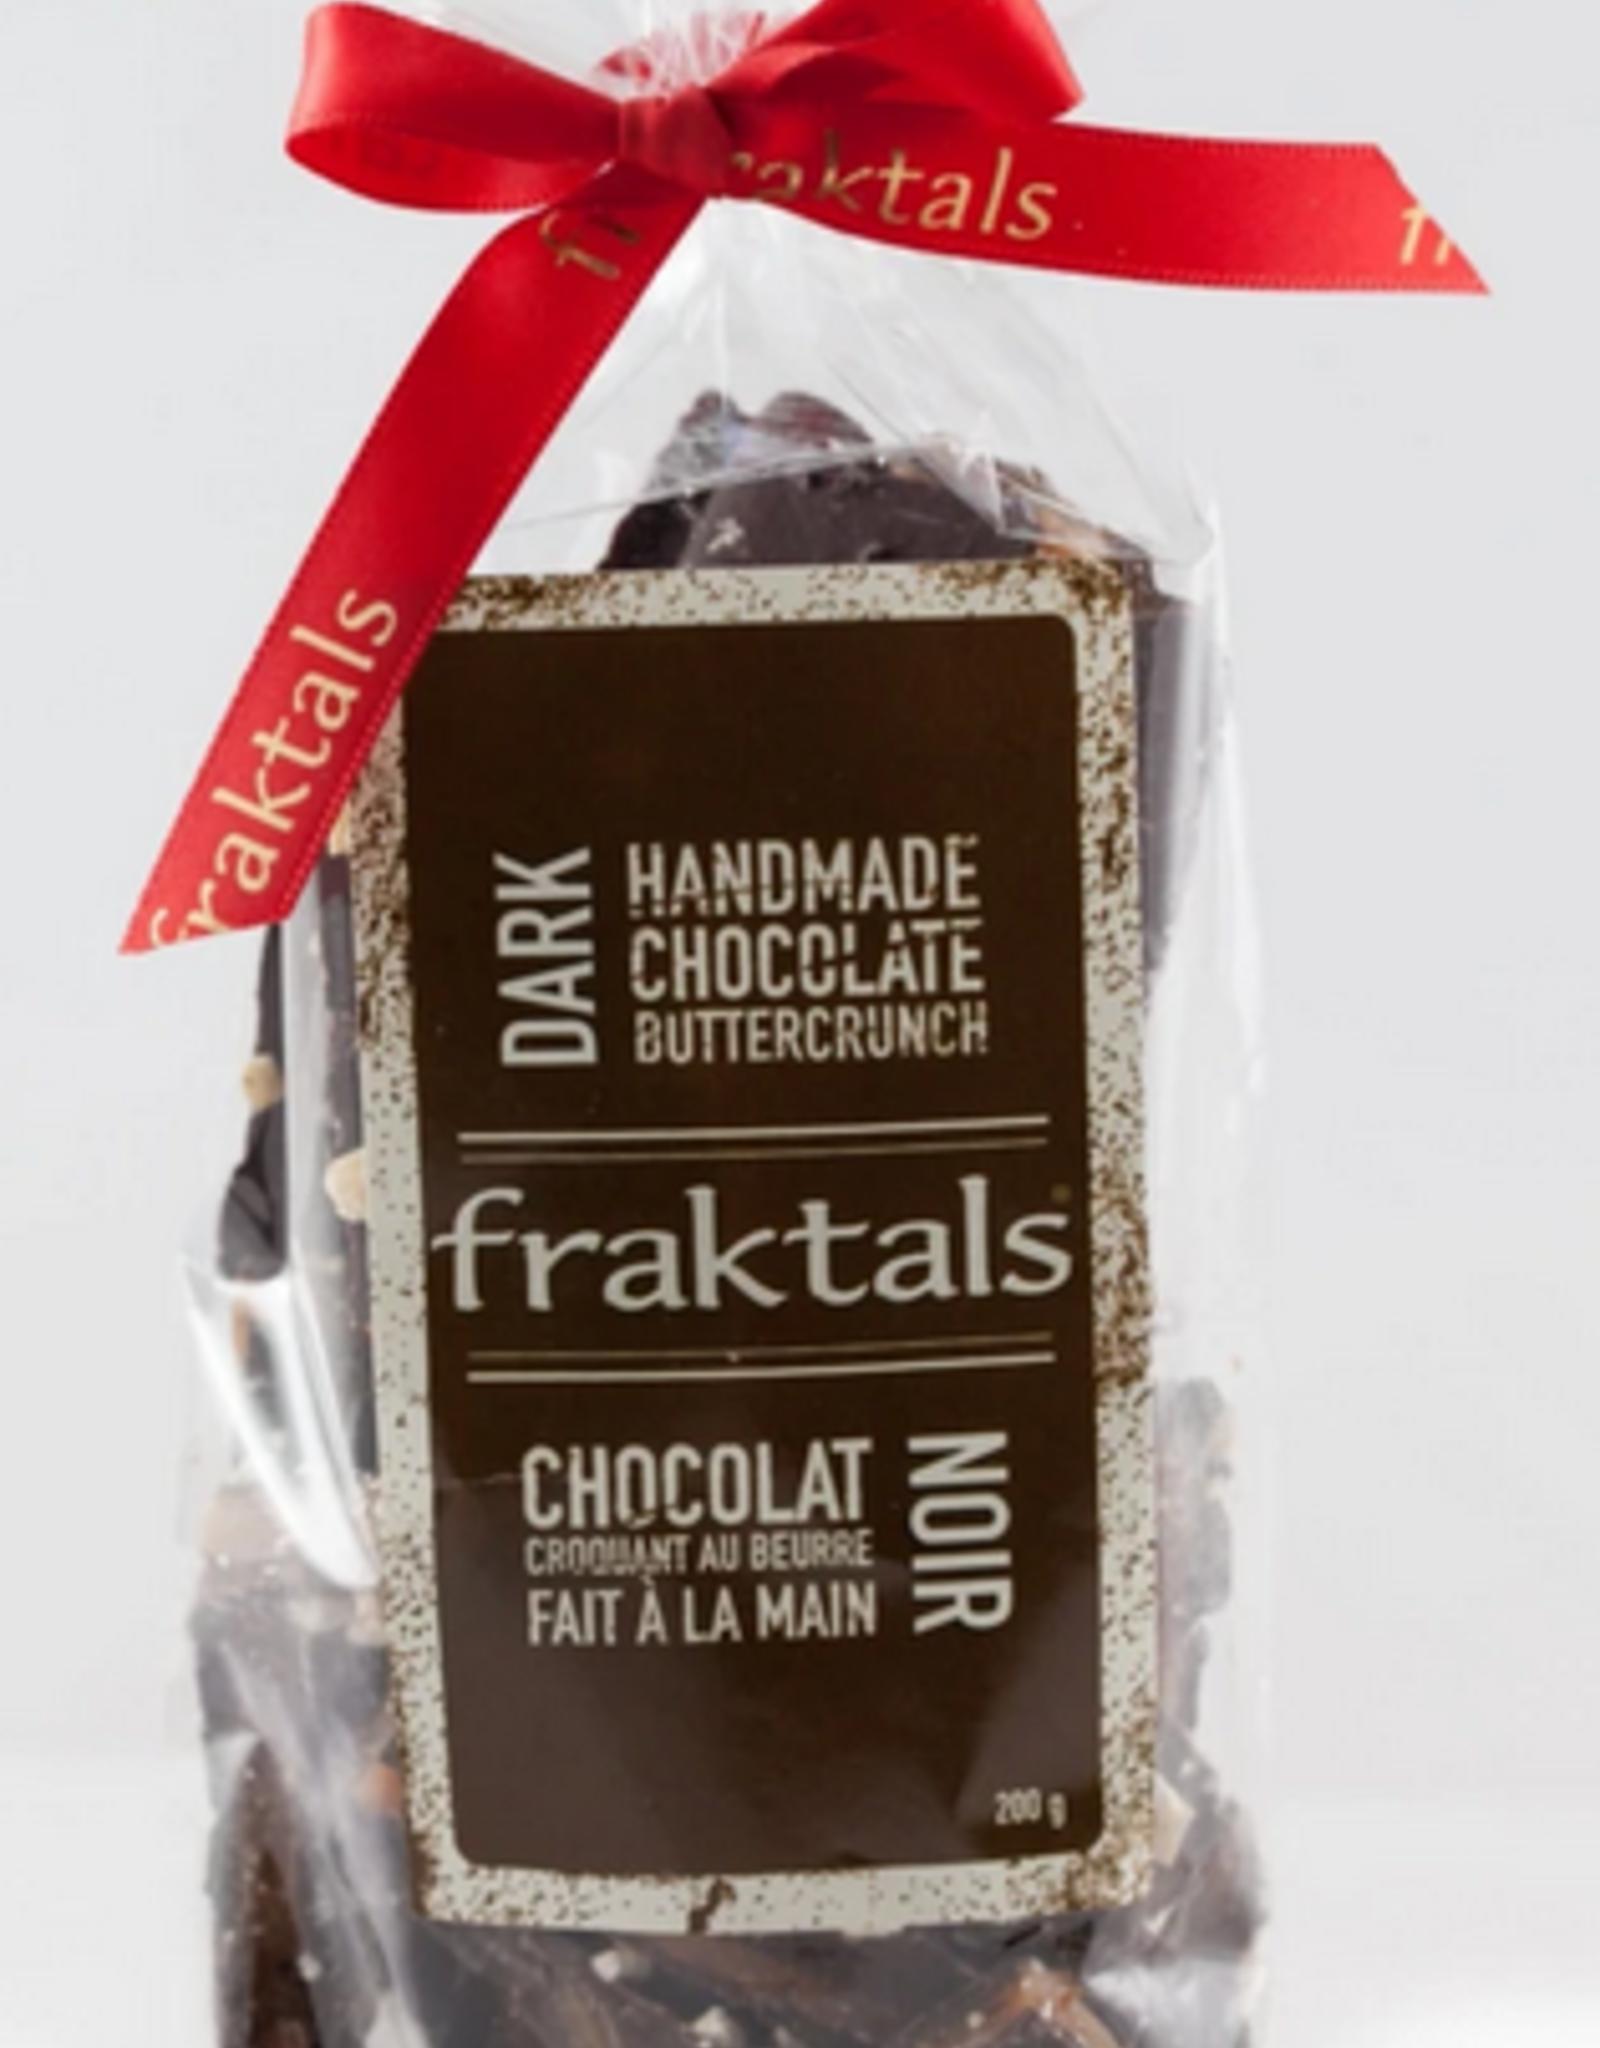 Fraktals Medium 70% Belgian Dark Chocolate Bag 200g